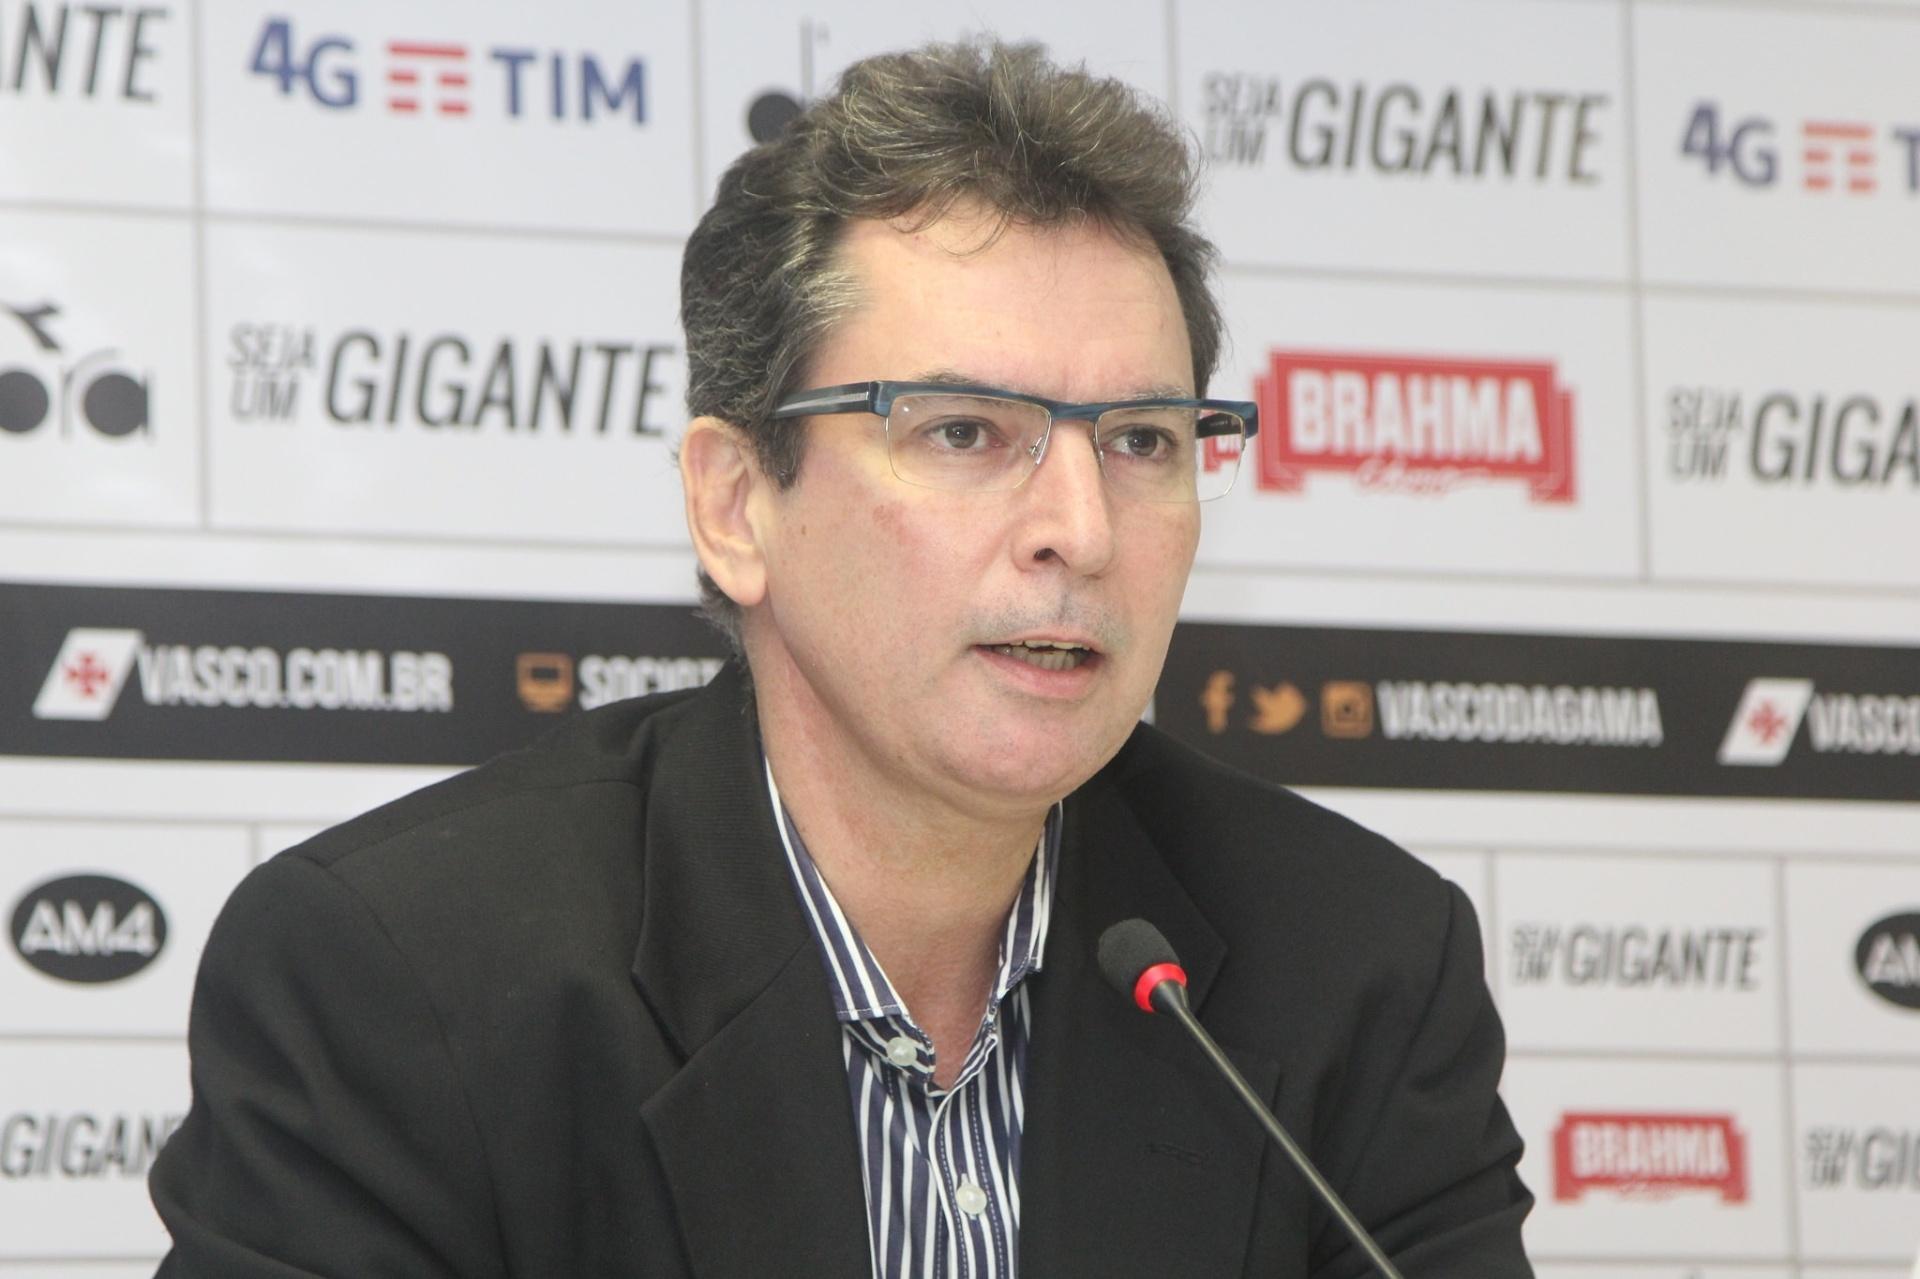 Diretor do Vasco reclama da arbitragem